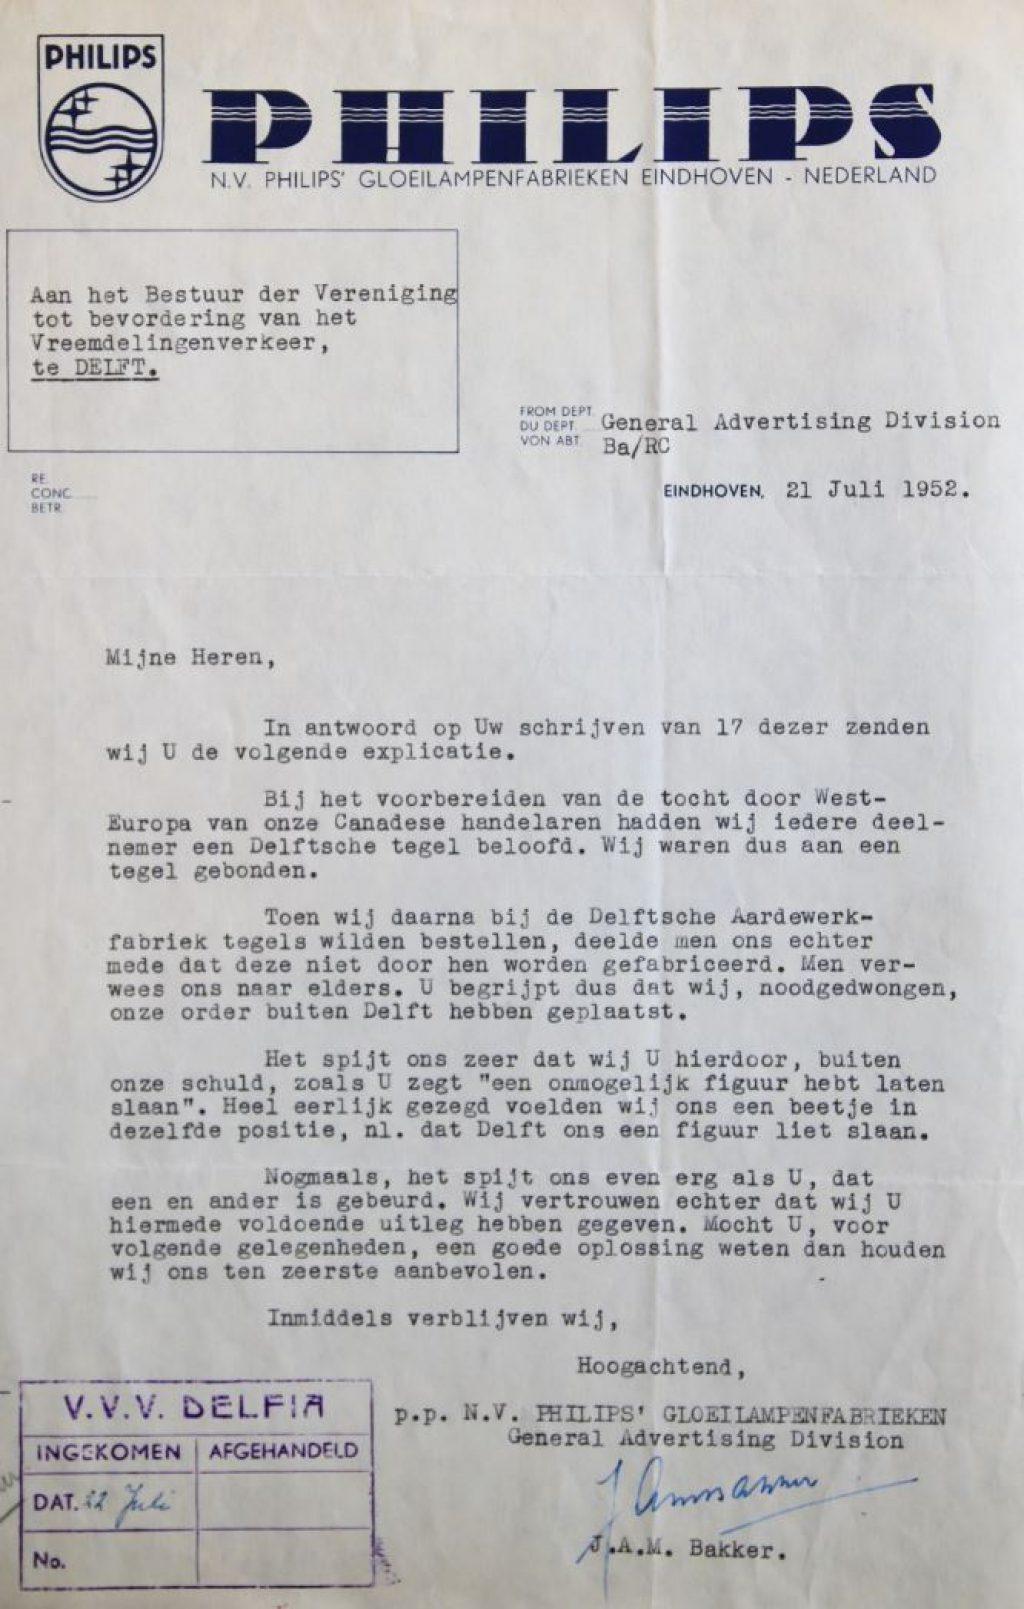 Klachten van toeristen over behandeling door Delftse instellingen (1939, 1949-1970), ingekomen brief van Philips, 21 juli 1952. (Archief 369 inv.nr 147)